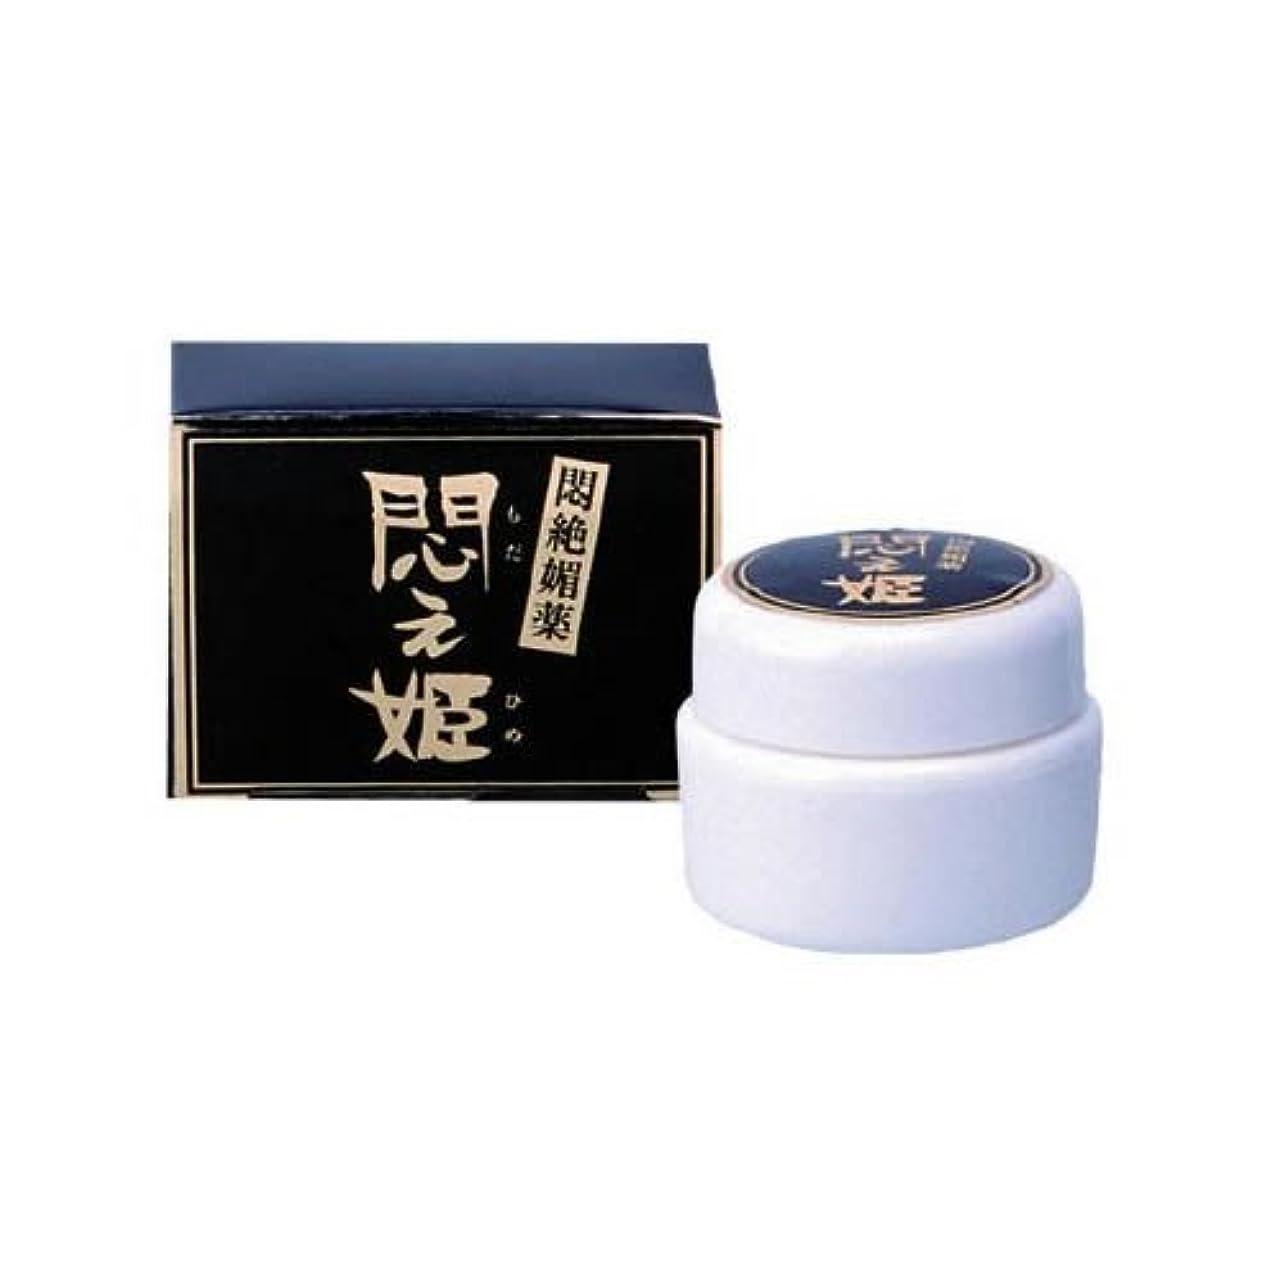 スポンサー最少マグ悶え姫(5g)